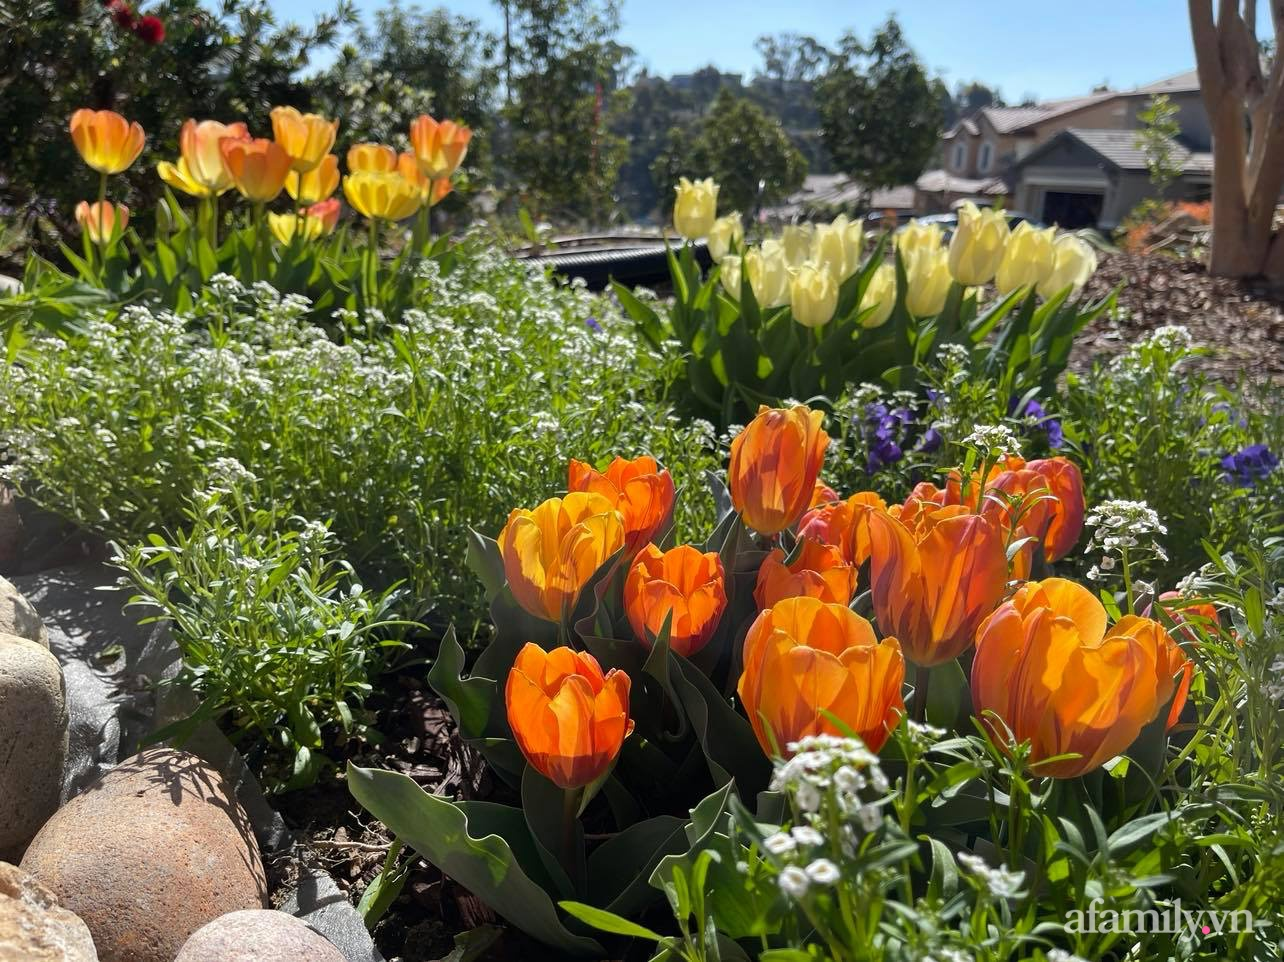 Khu vườn 750m² muôn hoa khoe sắc tỏa hương của mẹ Việt thức đêm chăm cây ở Mỹ - Ảnh 11.